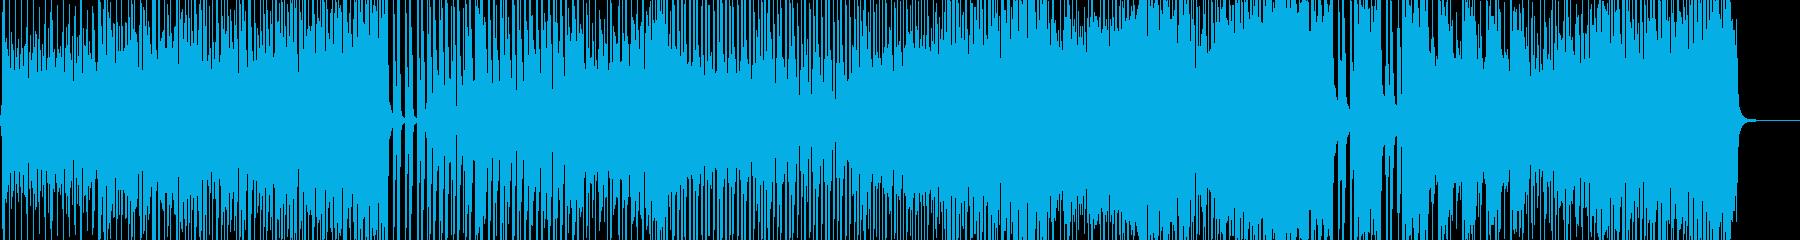 七変化アニメーションダンス調ポップ B2の再生済みの波形